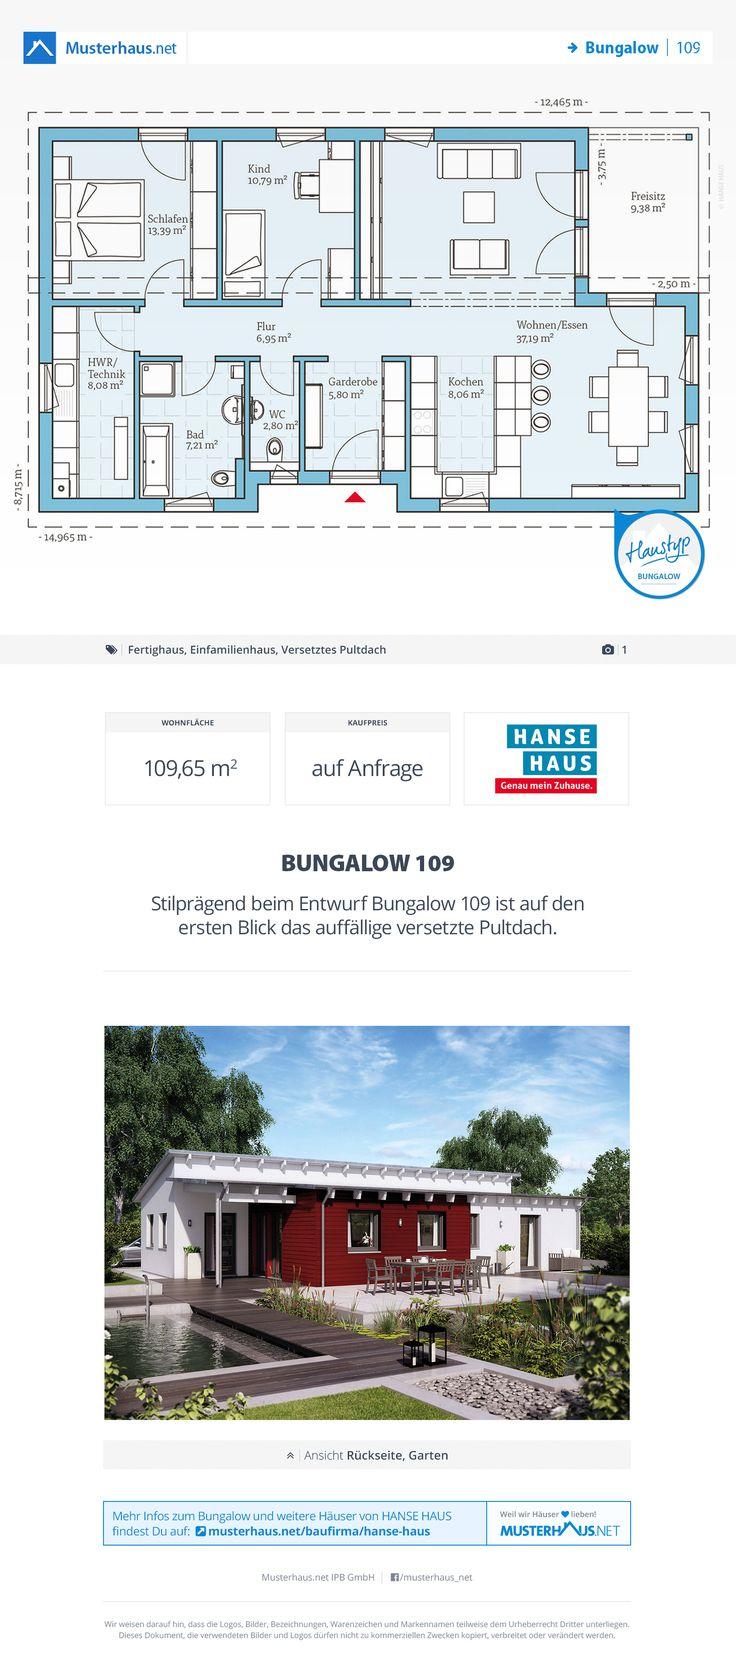 Musterhaus grundriss bungalow  12 besten Bungalow Grundrisse Bilder auf Pinterest | Offene küche ...